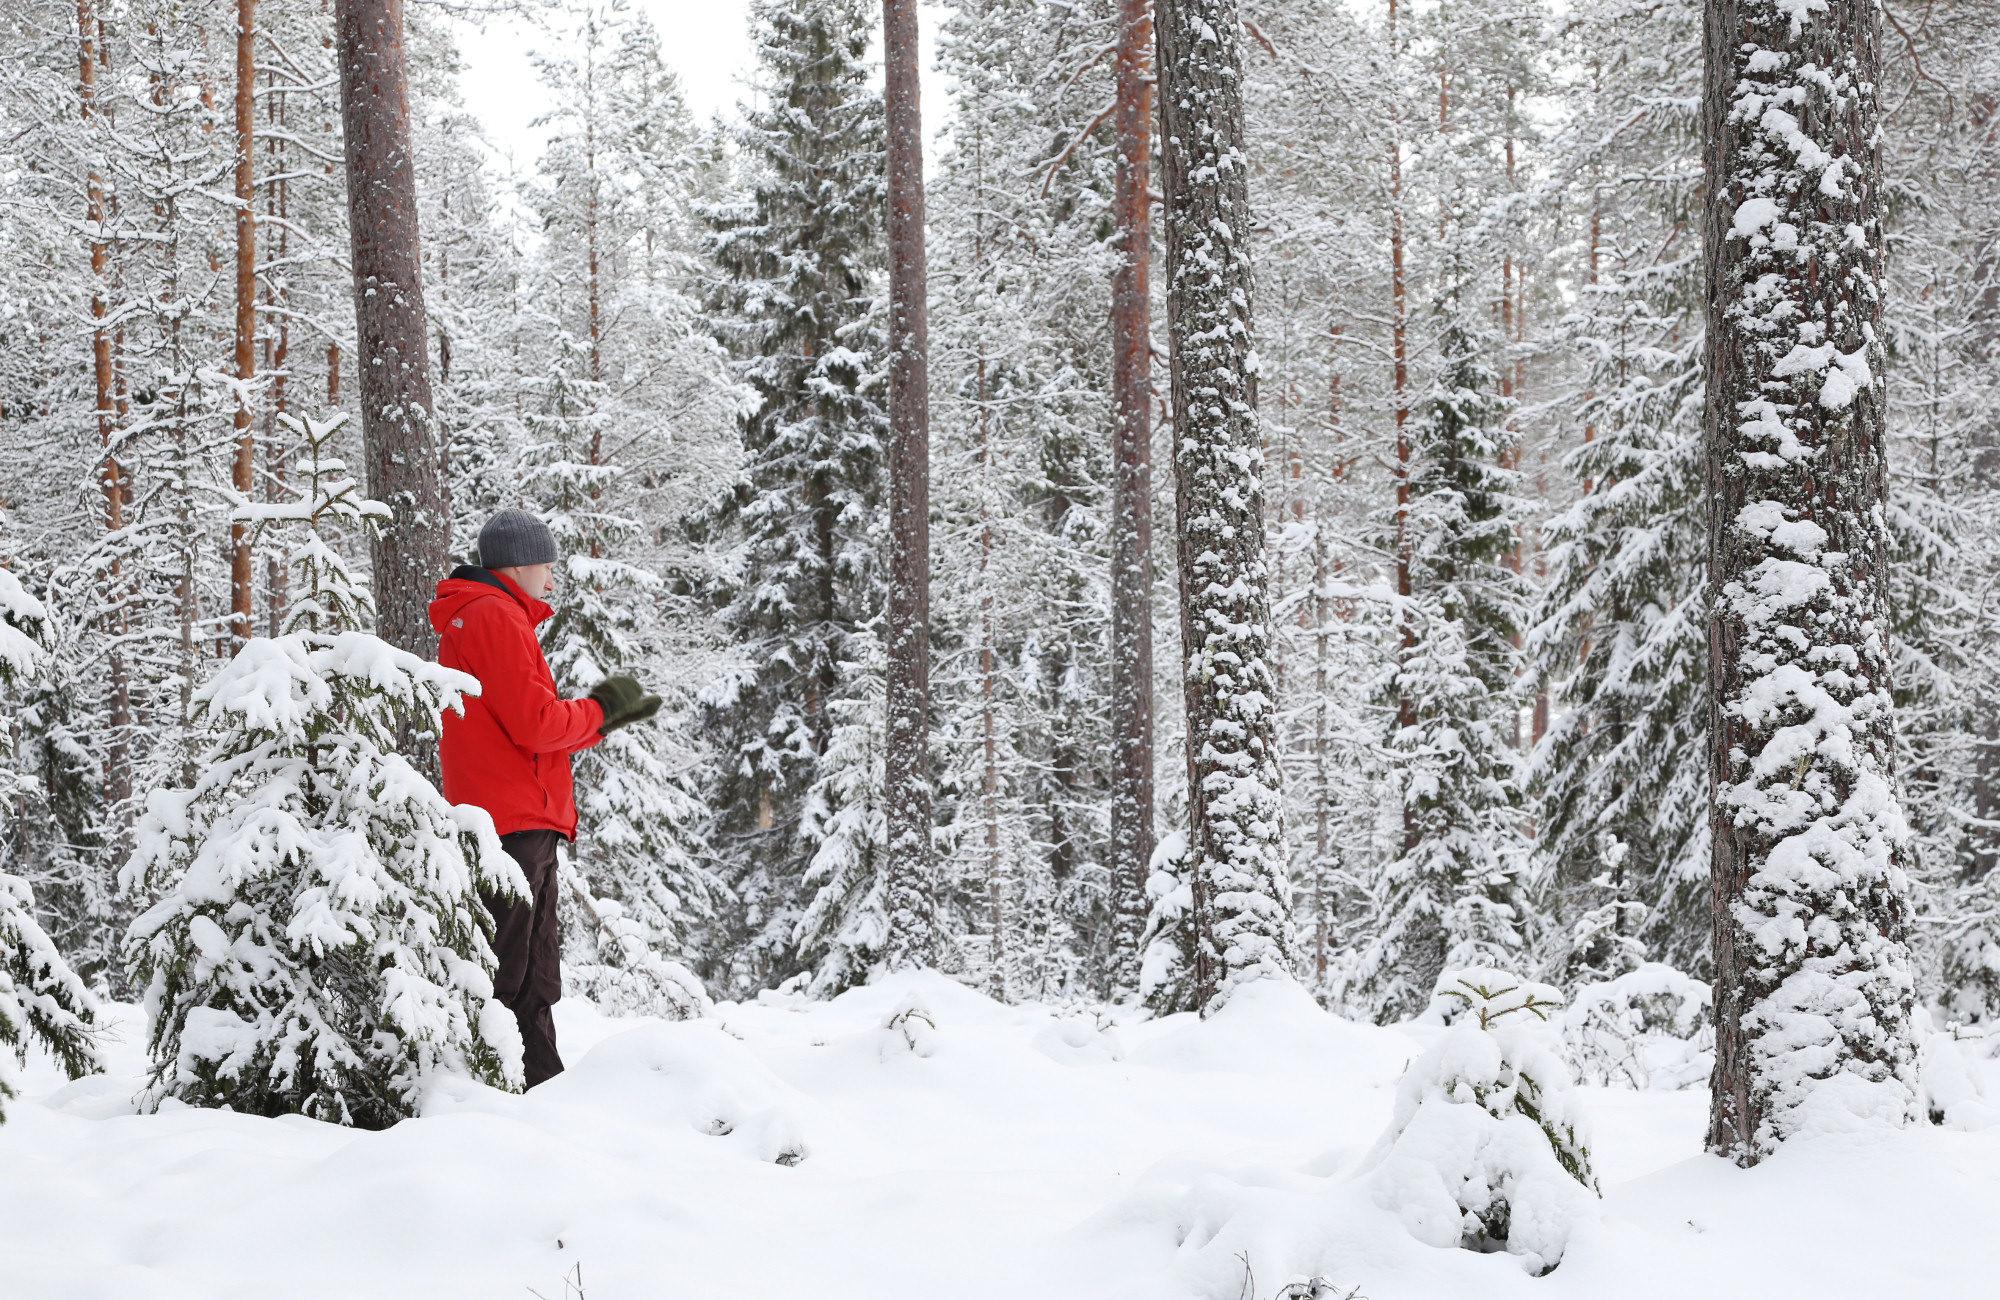 Taikapolku lumikenkäretki Lauhanvuoren rinteillä - Lauhanvuorella talven lumitilanne vaihtelee nopeasti, mutta parhaimmillaan lunta voi olla maisemassa mukava määrä.